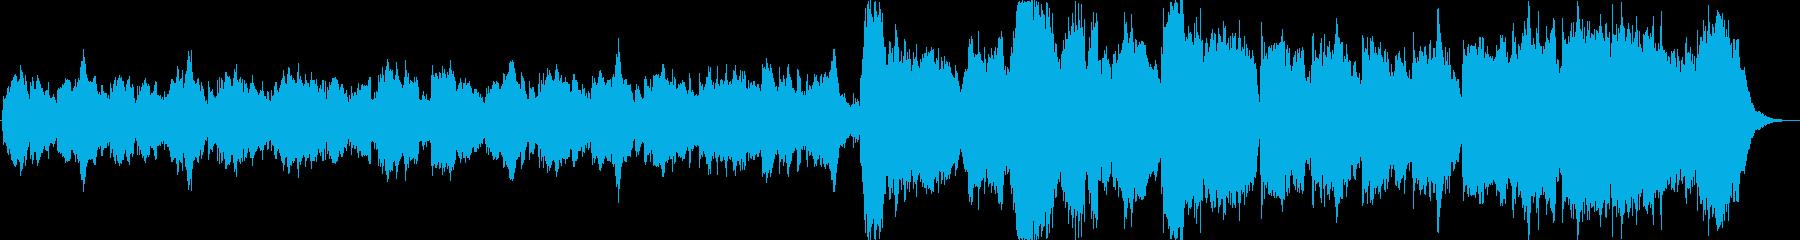 R.ワグナーによるブライダルコーラ...の再生済みの波形